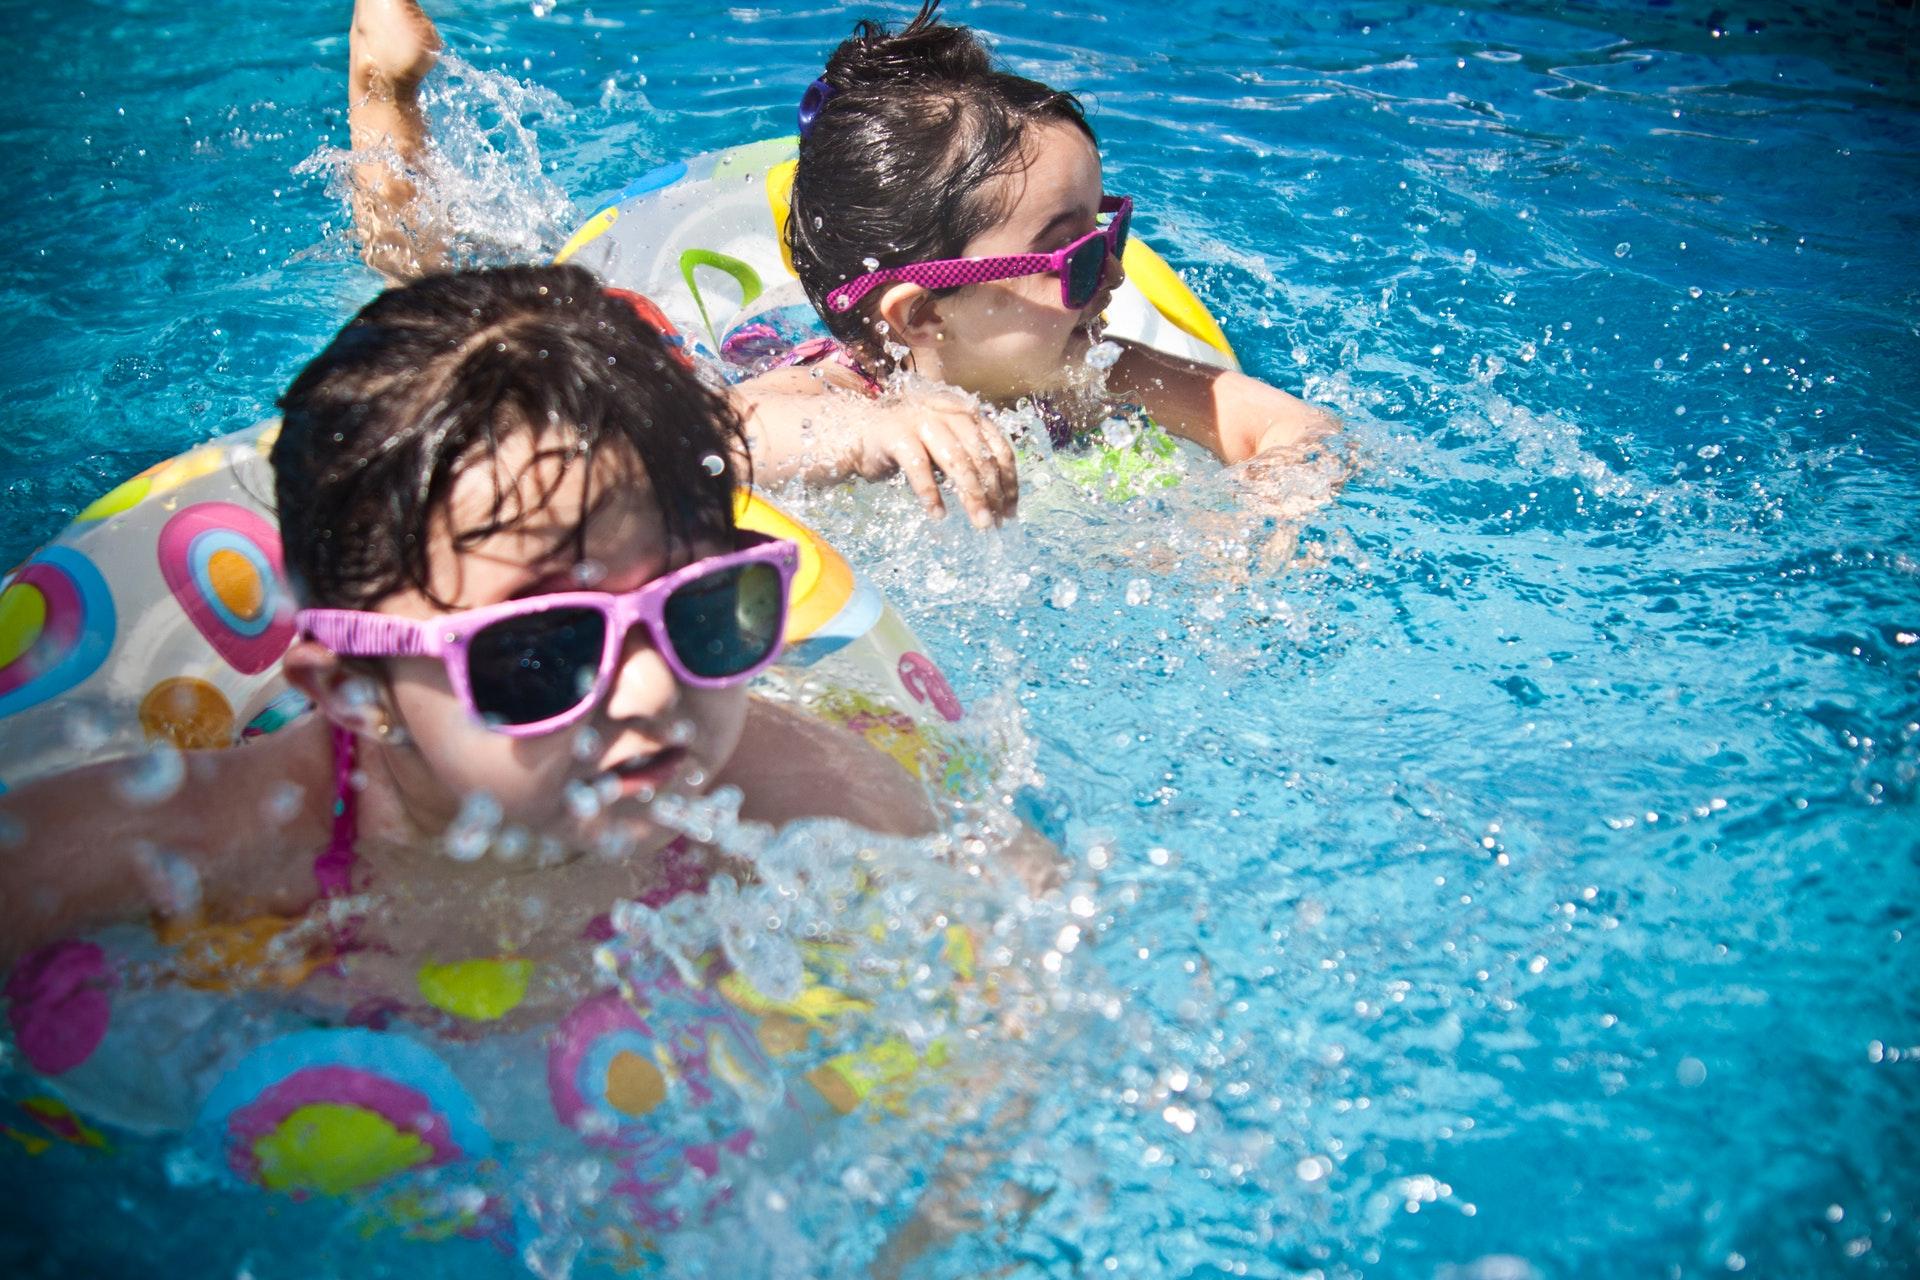 børn, barn, solcreme, spf, sol, solfaktor, sommer, sommerferie, ferie, bade, pool, svømme, varme, rejse